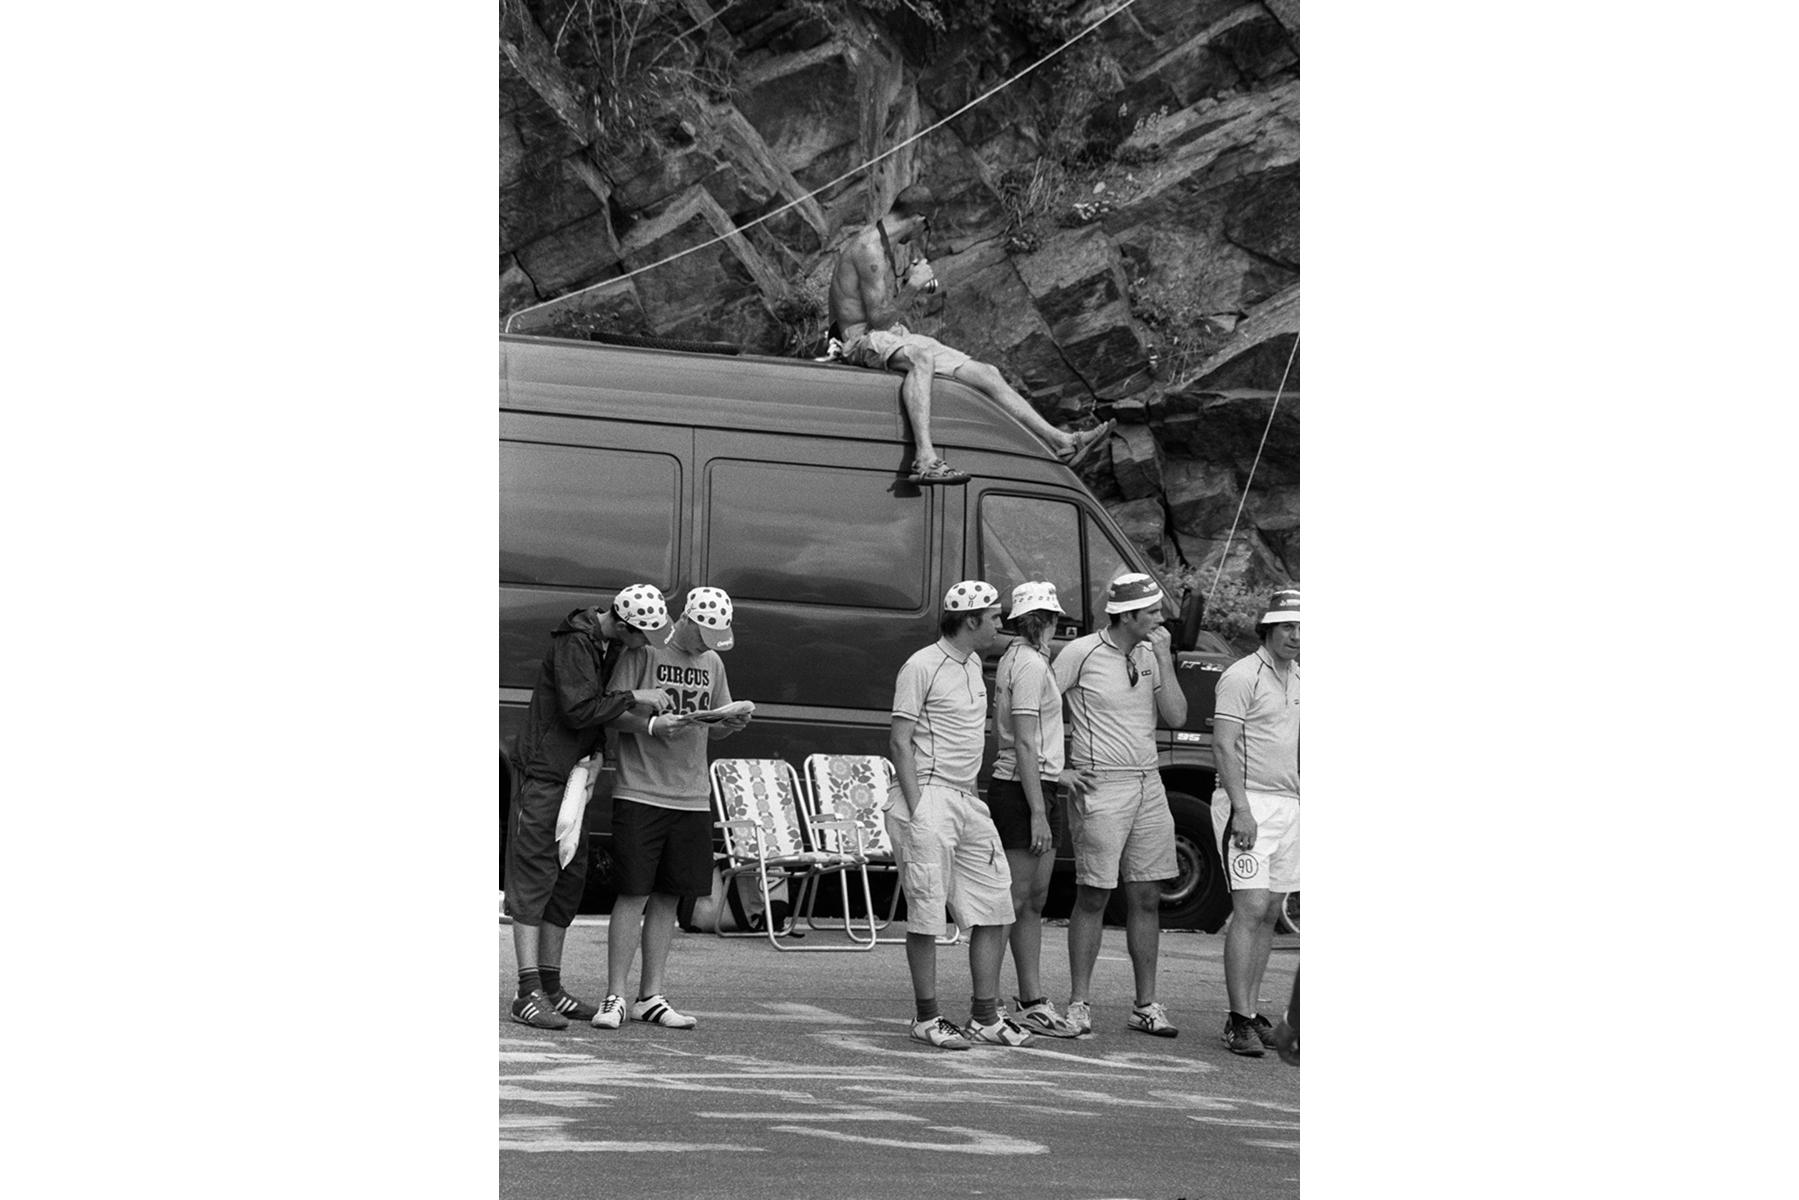 Tour de France 2006 The fans keep busy by studying the listings in the magazines distributed by the official Tour publicity caravan. En attendant les coureurs, les passionnés étudient la liste des cyclistes dans les magazines distribués par la caravane publicitaire. Die Zuschauer warten gespannt. Man studiert die von der Werbekaravane verteilten Magazine. Hier finden sich die Namen aller Fahrer. Los aficionados, mientras esperan, repasan las listas de los participantes en las revistas que distribuye la caravana de publicidad.